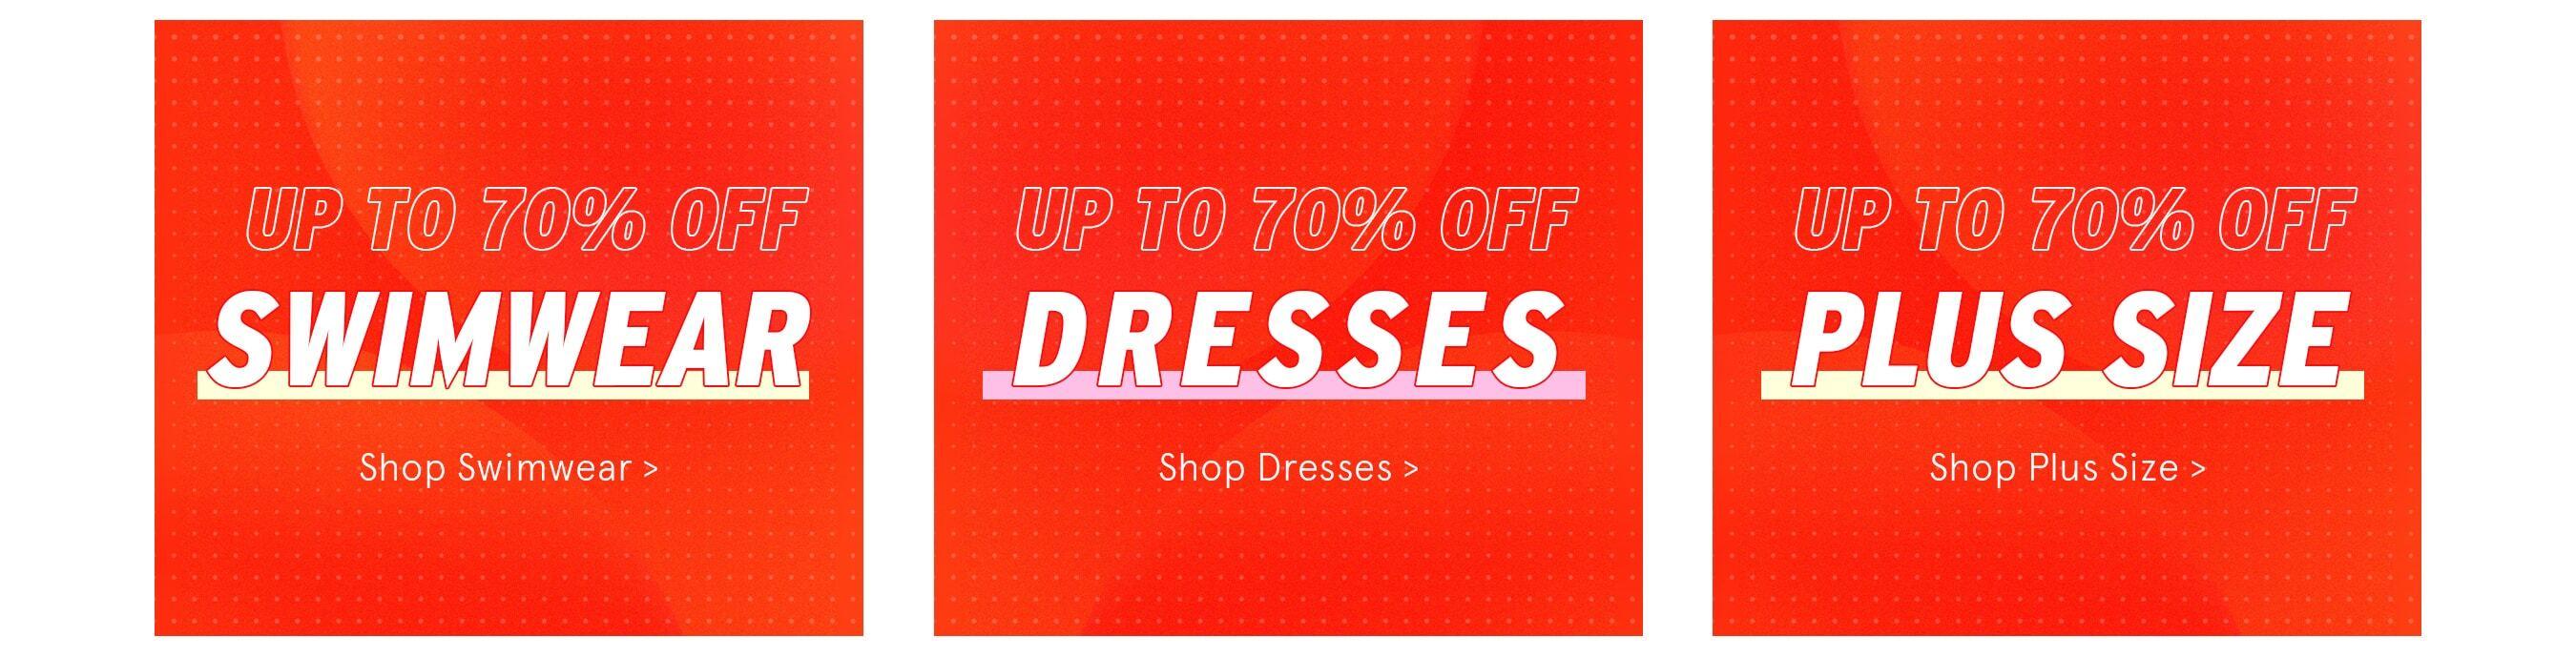 7d1ac1927 Women's & Men's Clothes, Shop Online Fashion | SHEIN UK